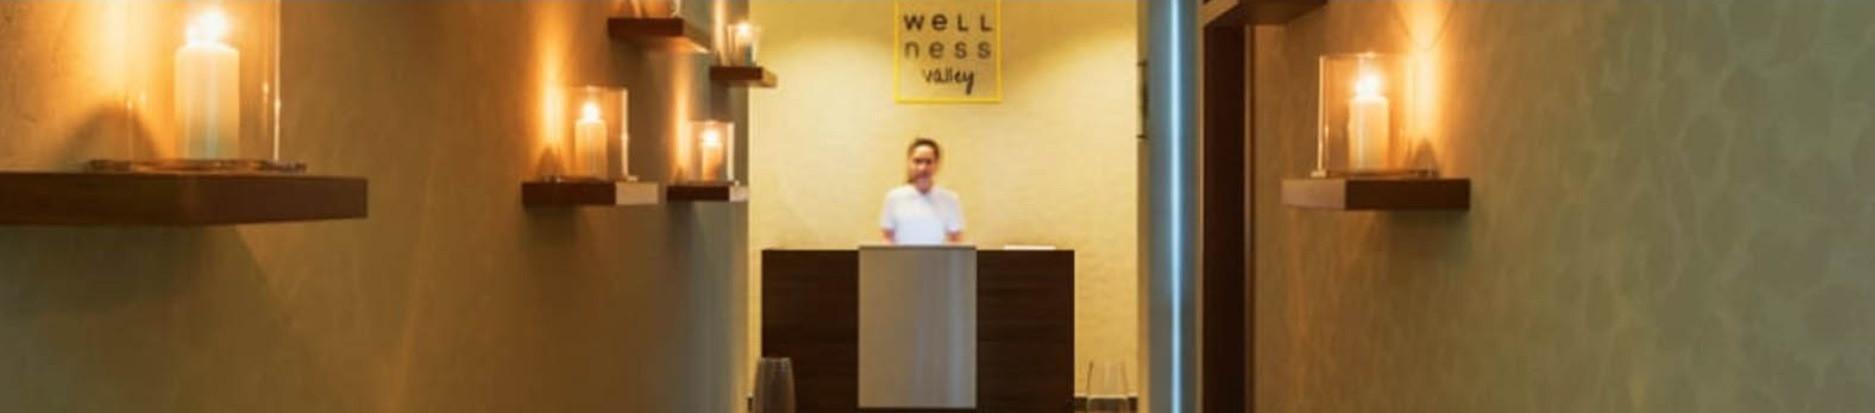 Welness Valley Spa2.jpg